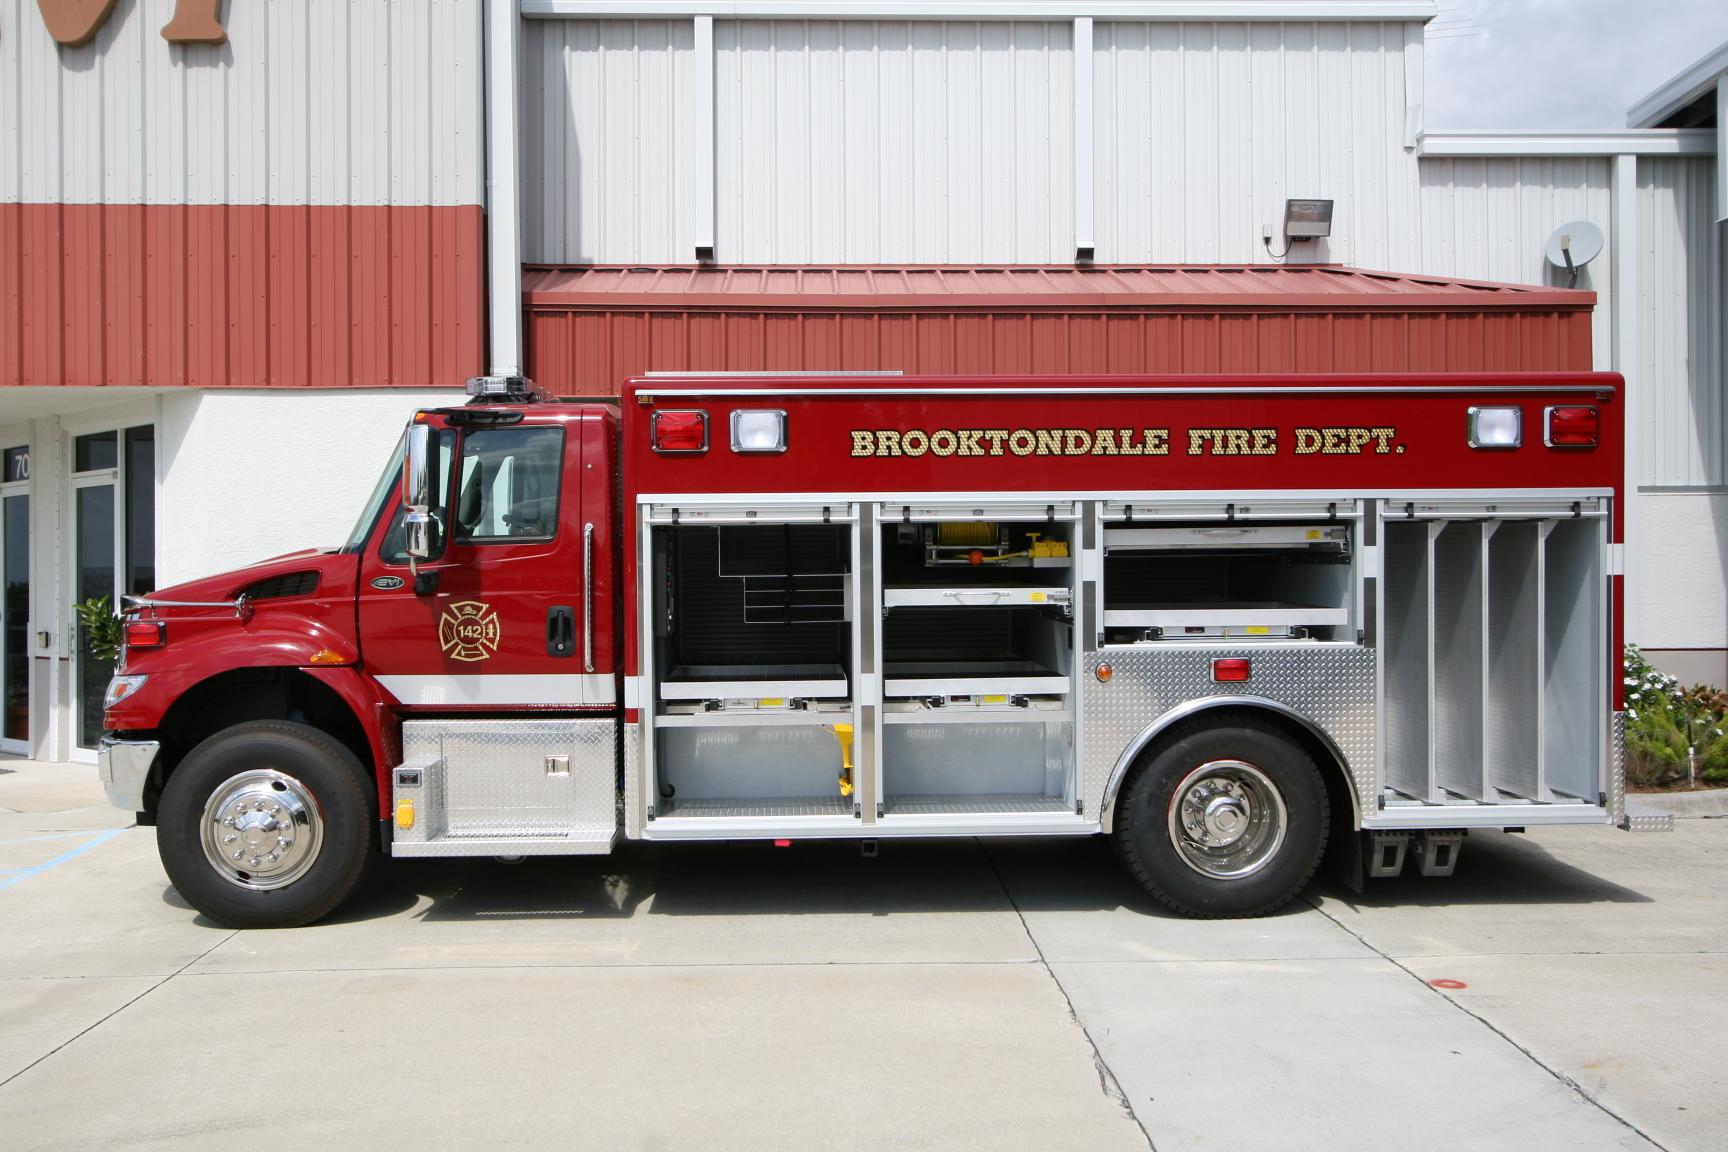 16-Ft. Non-Walk-In Rescue Squad